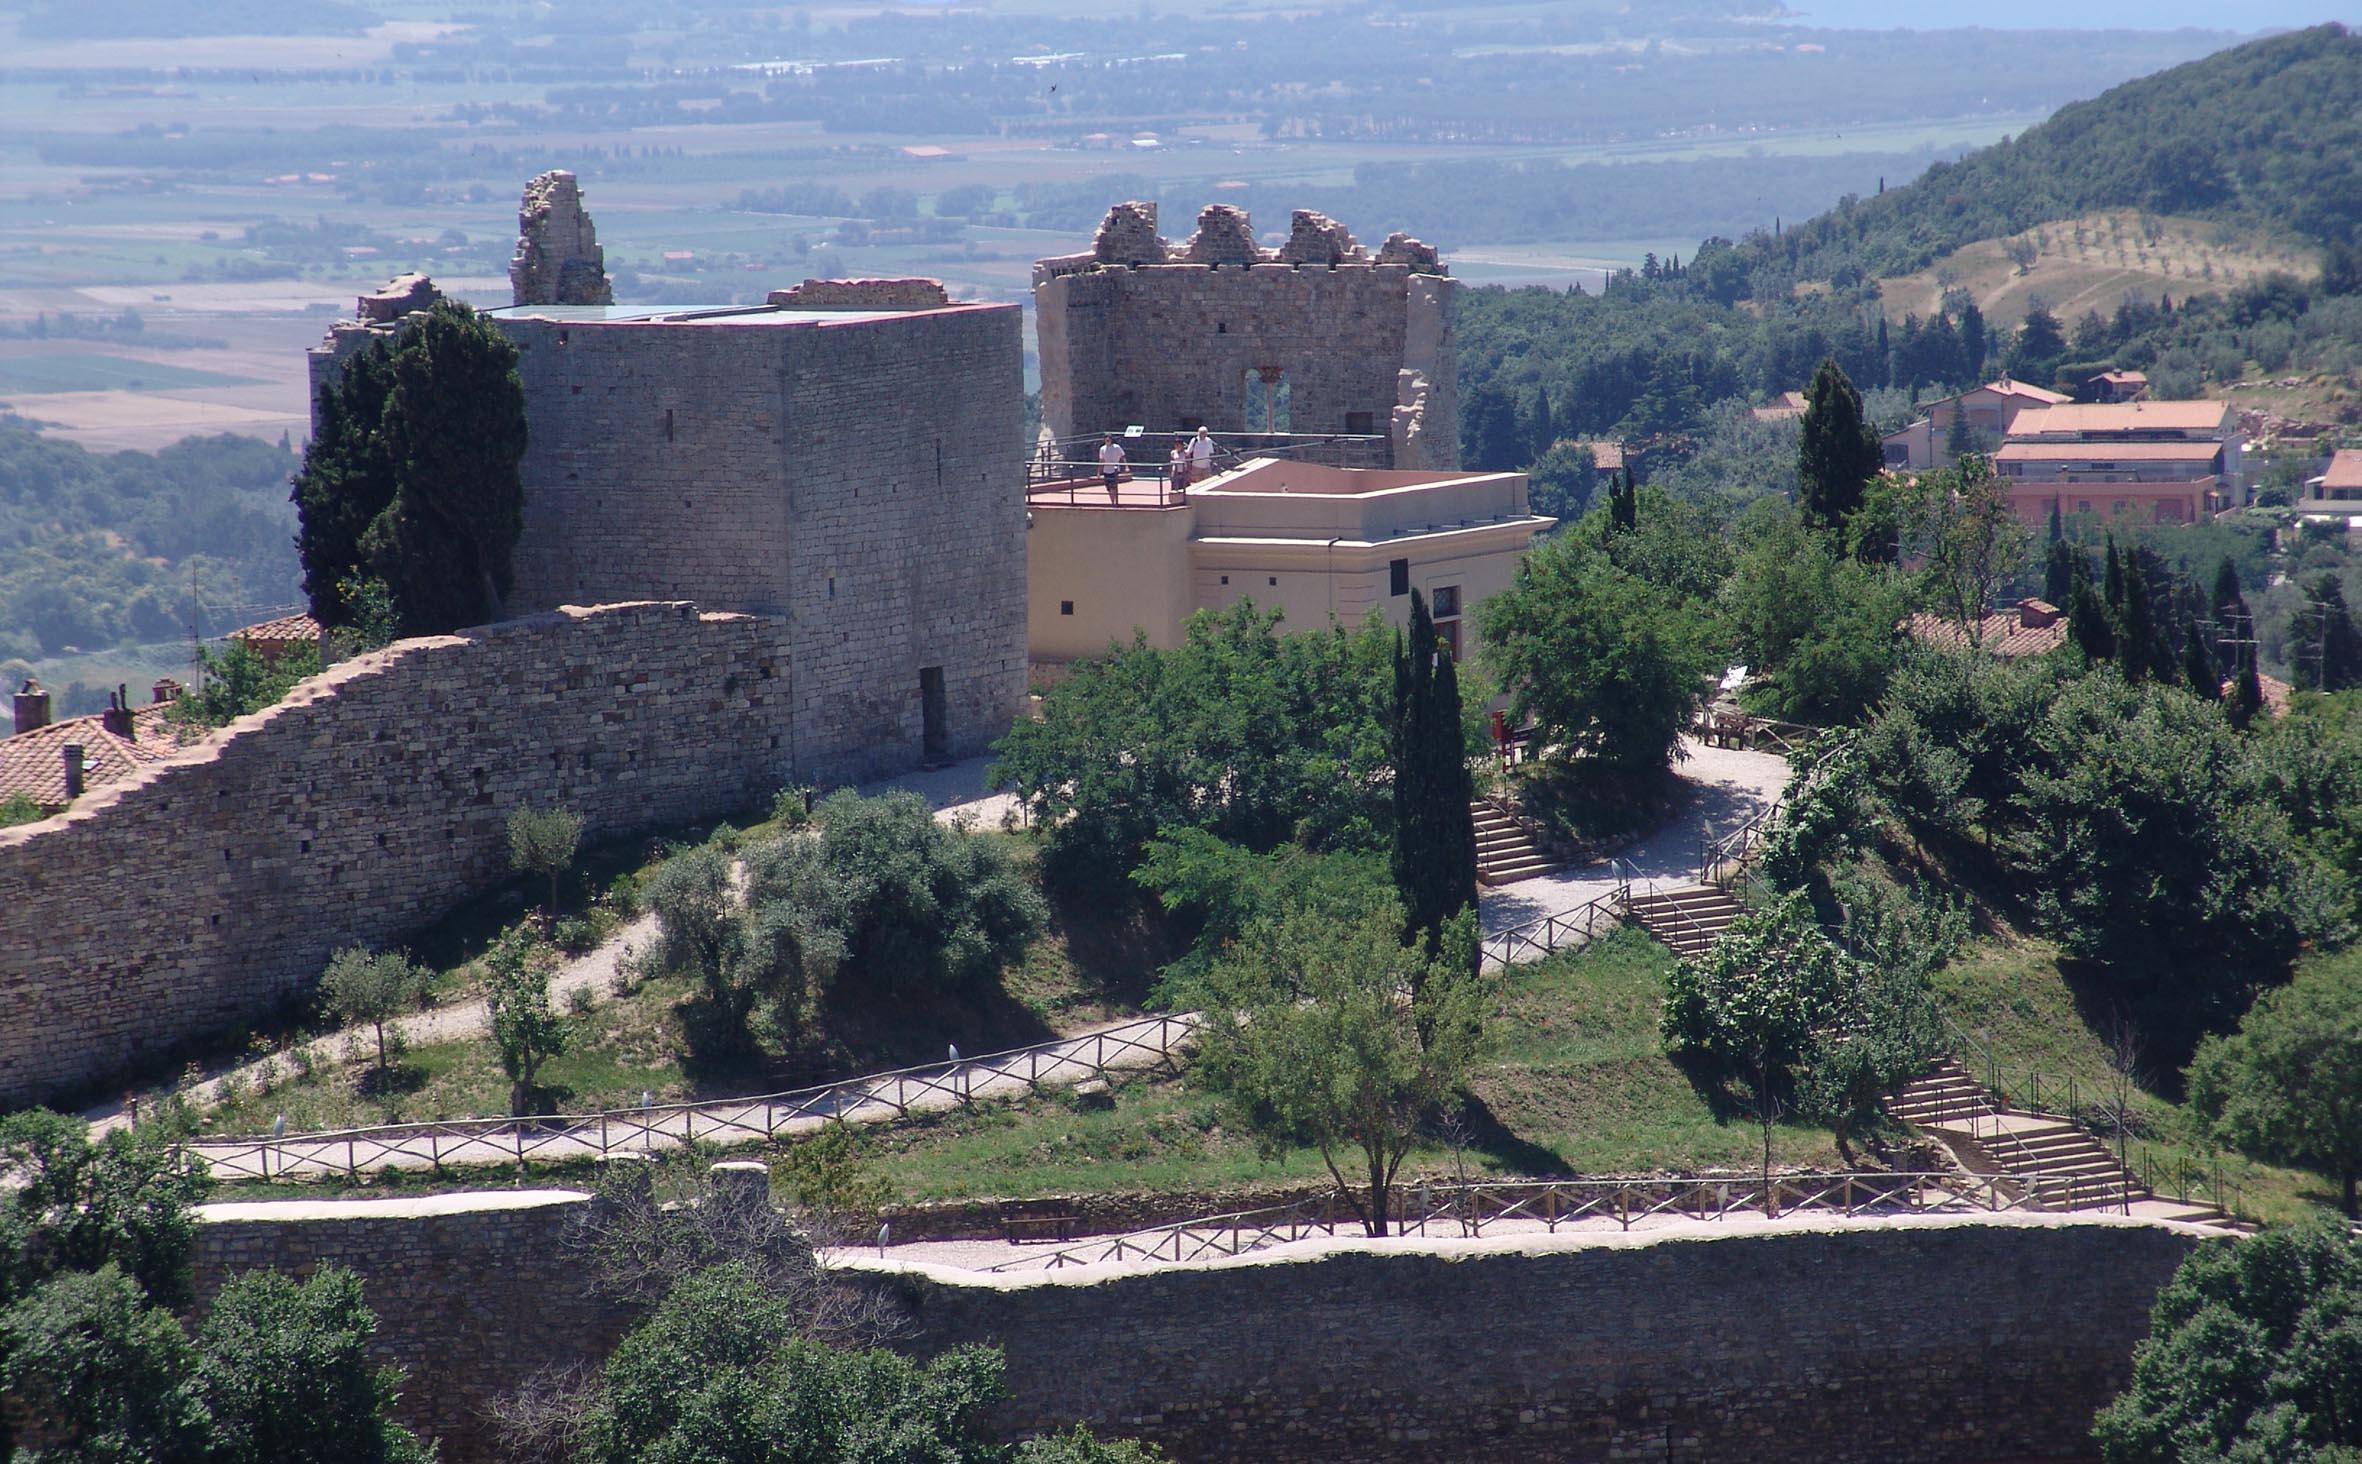 Museen über die Festung von Campiglia Marittima